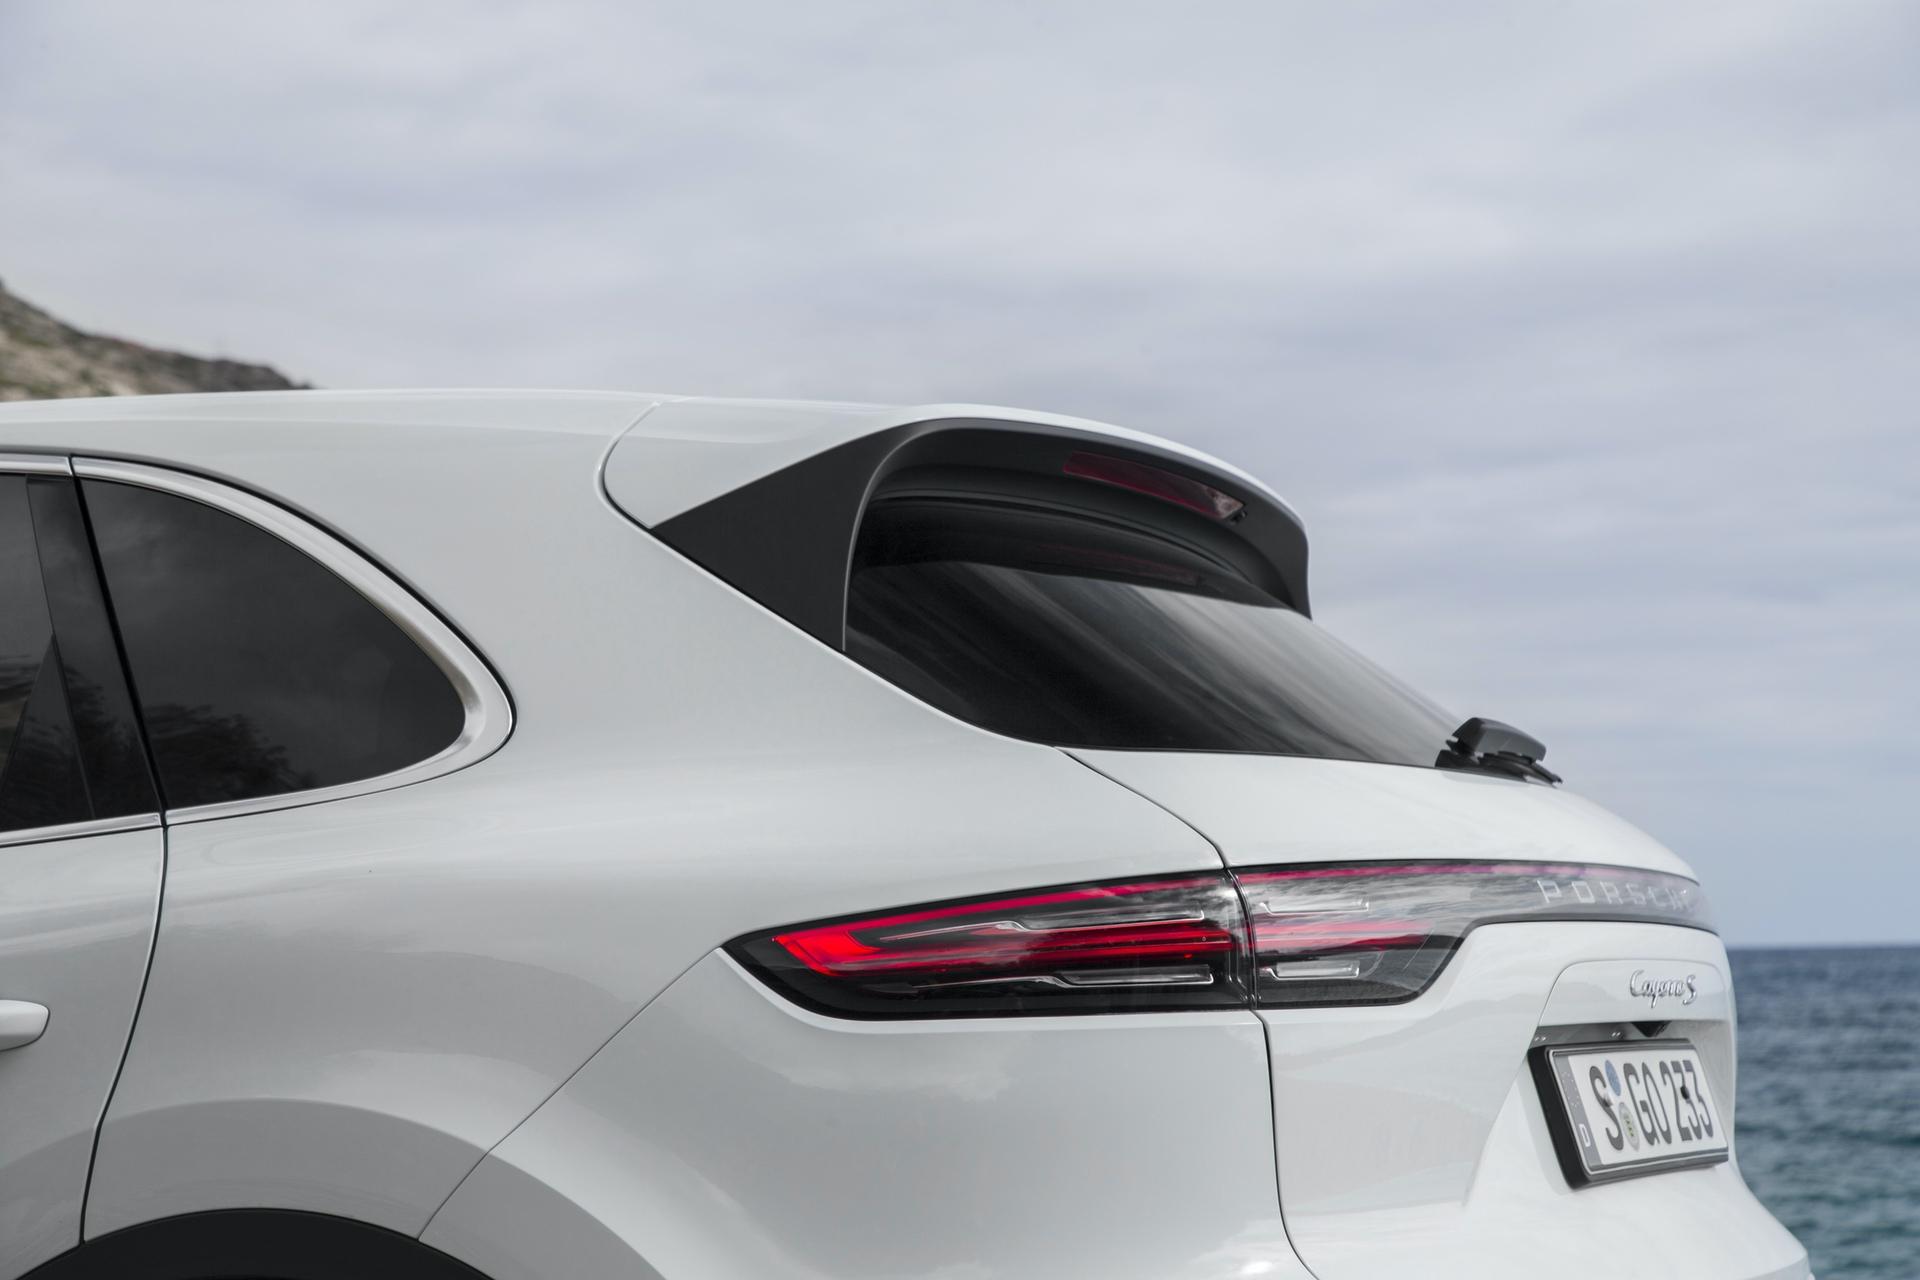 Test_Drive_Porsche_Cayenne_251